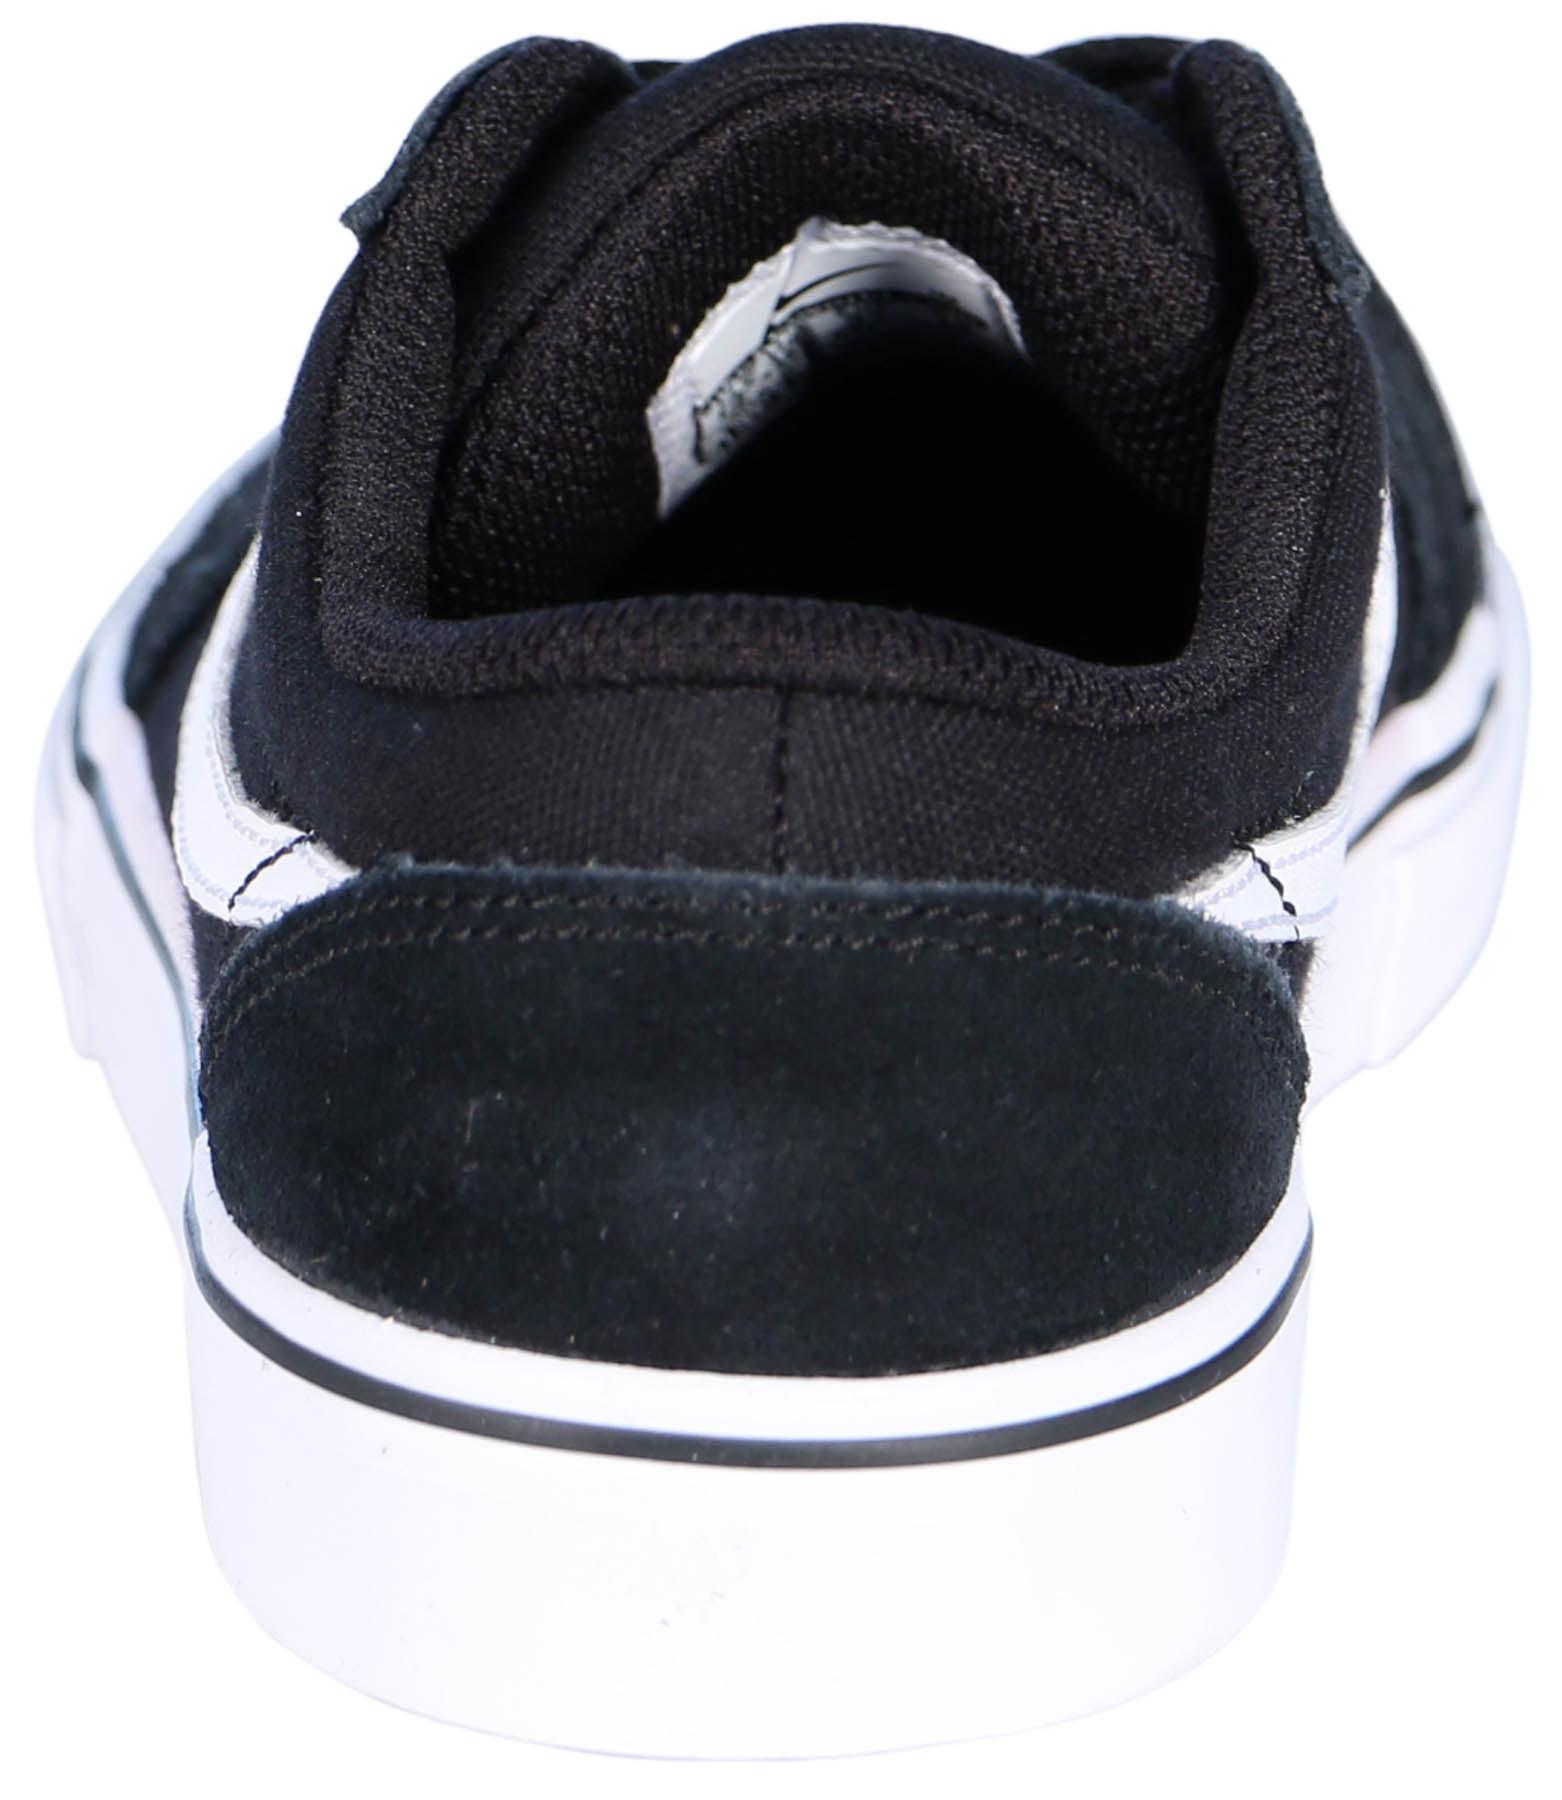 Skate shoes walmart - Next